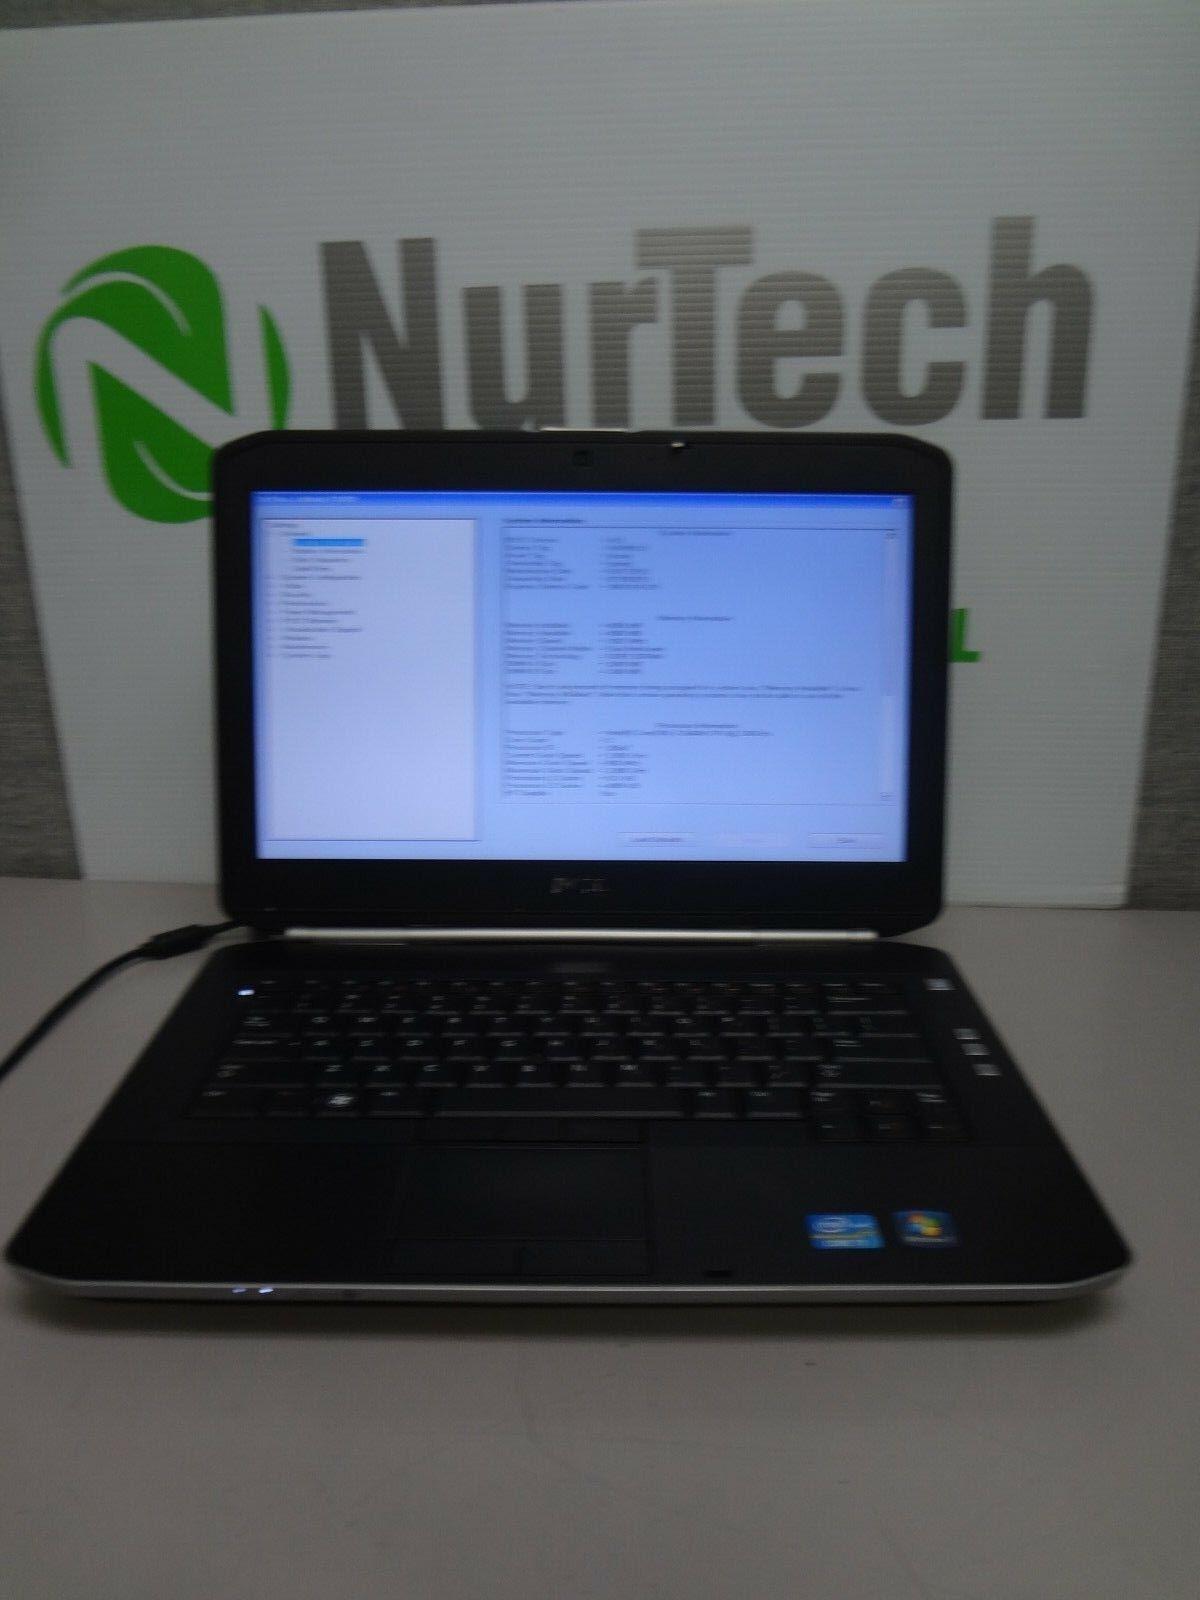 Dell Latitude E5420 i7-2640M 2.8GHz 4GB NO HDD Webcam WiFi DVDRW Laptop NO AC